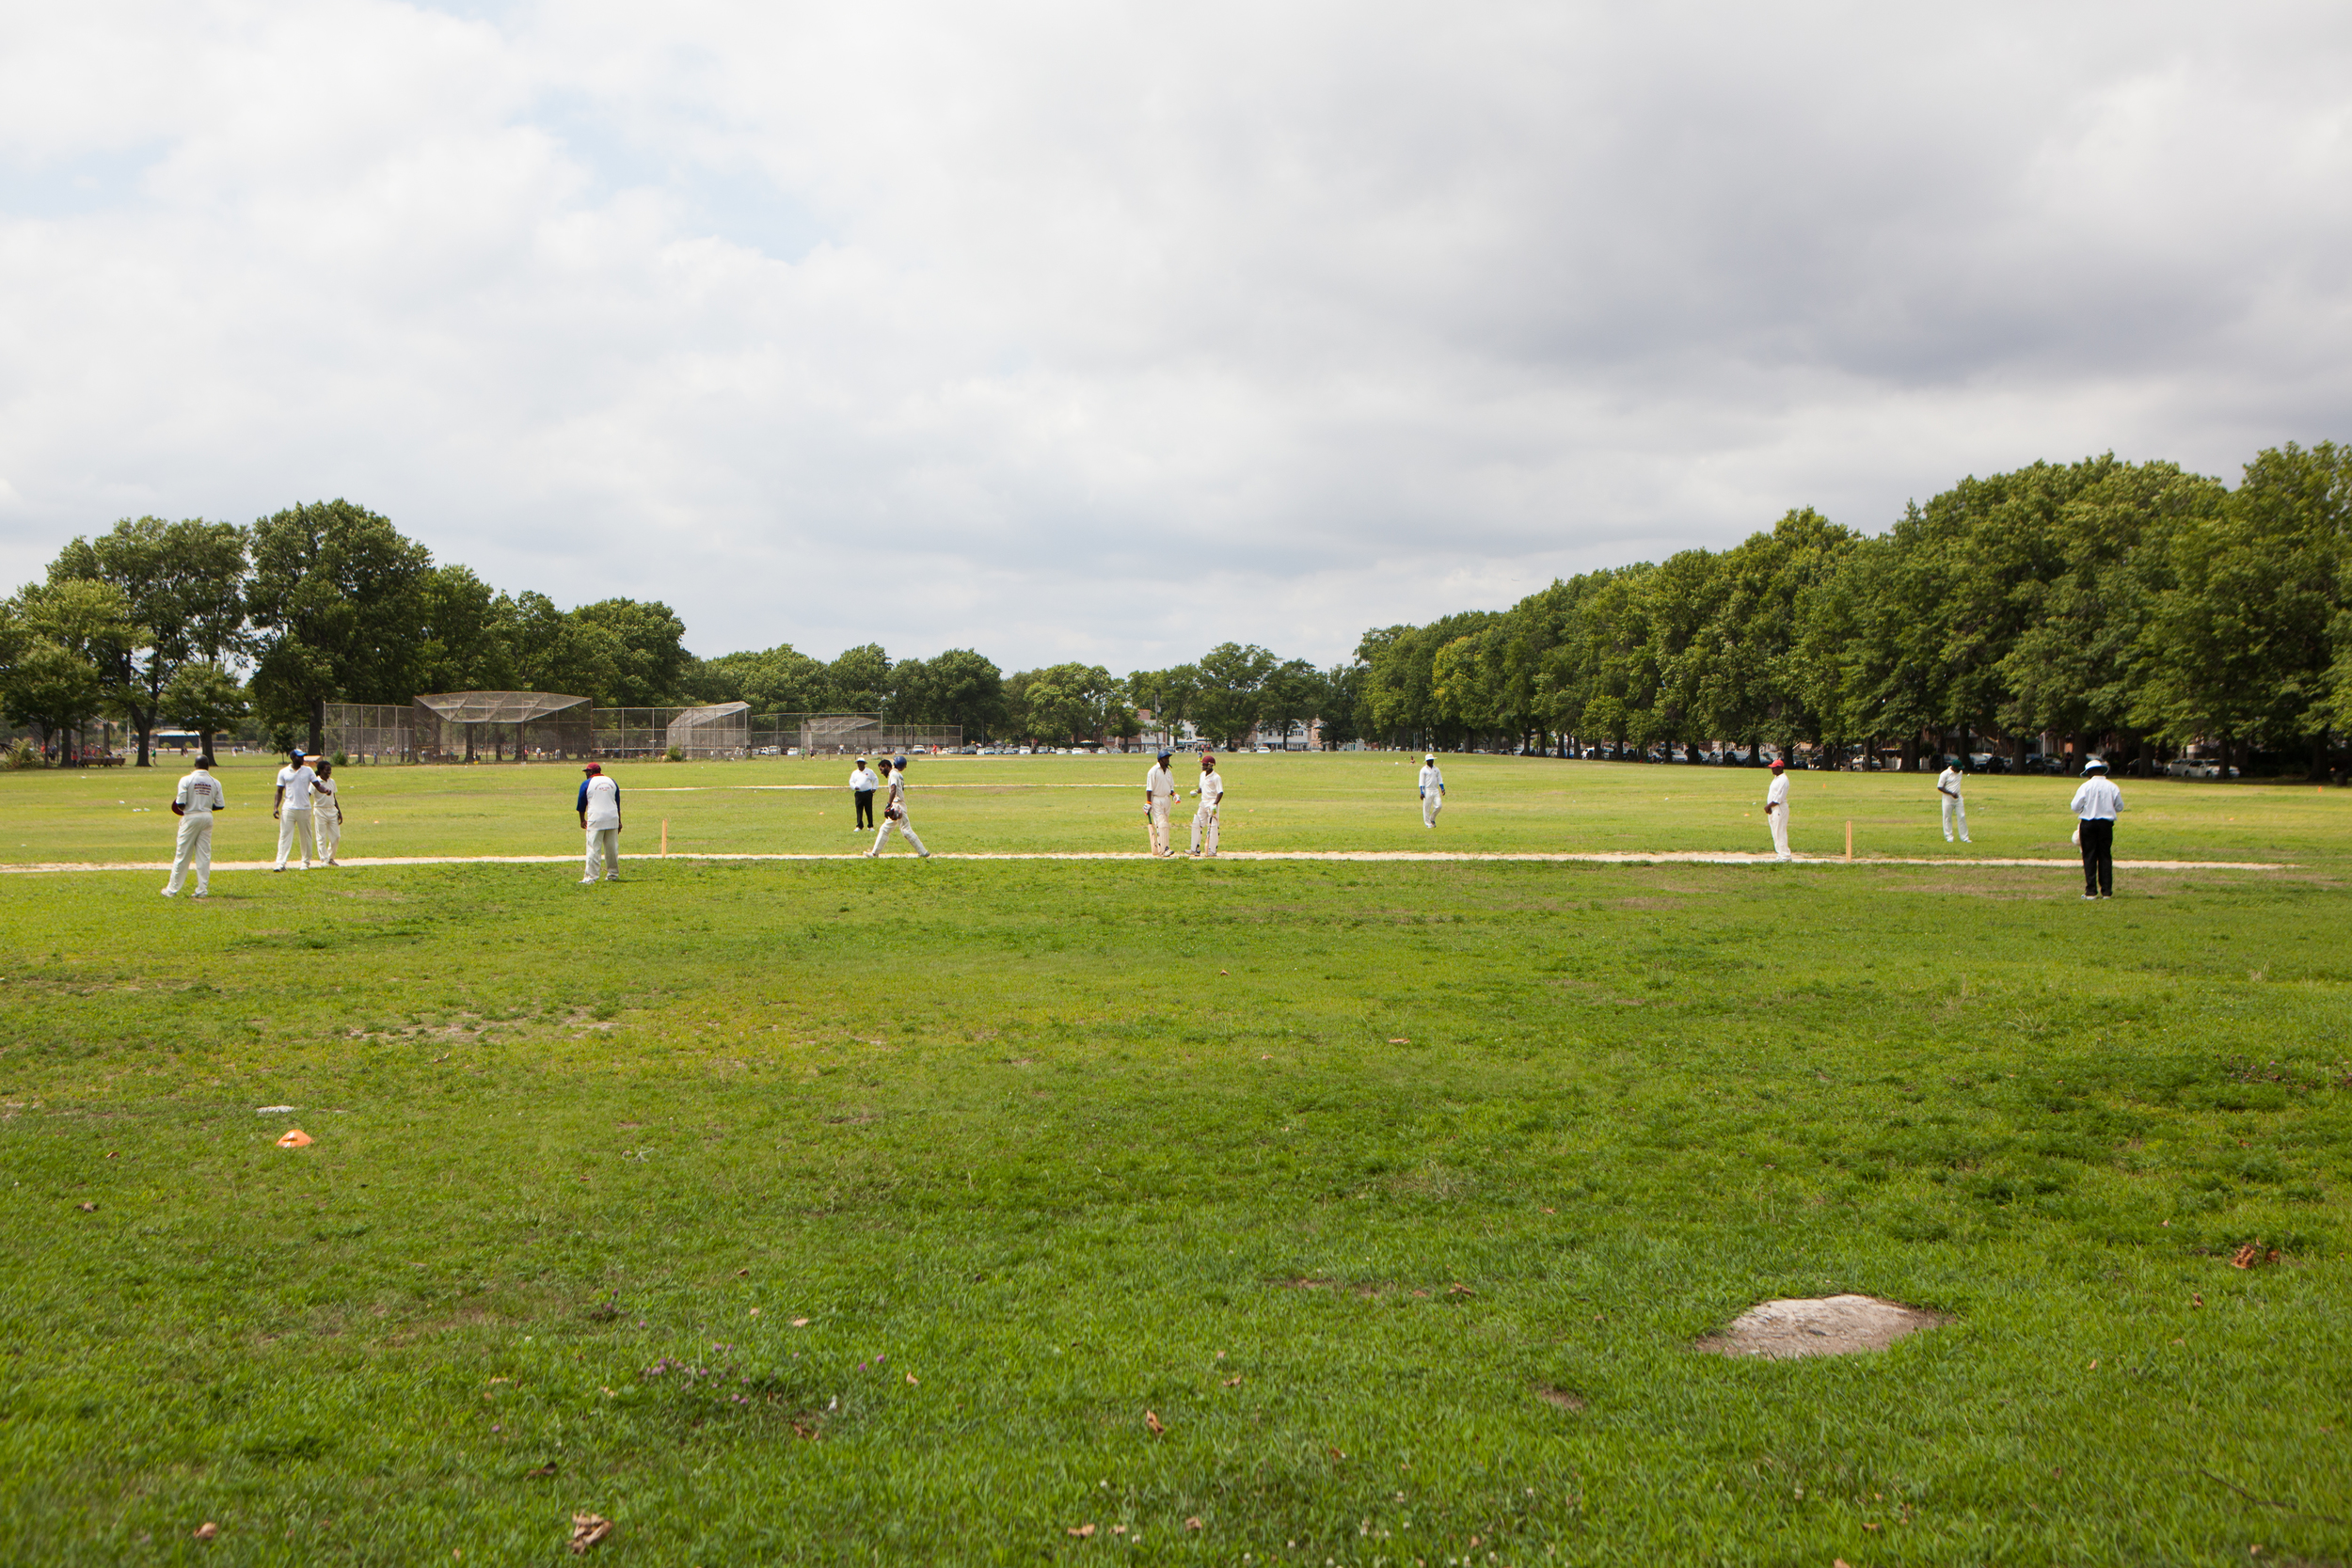 BKLYNR-Cricket-JasonBergman-027.jpg